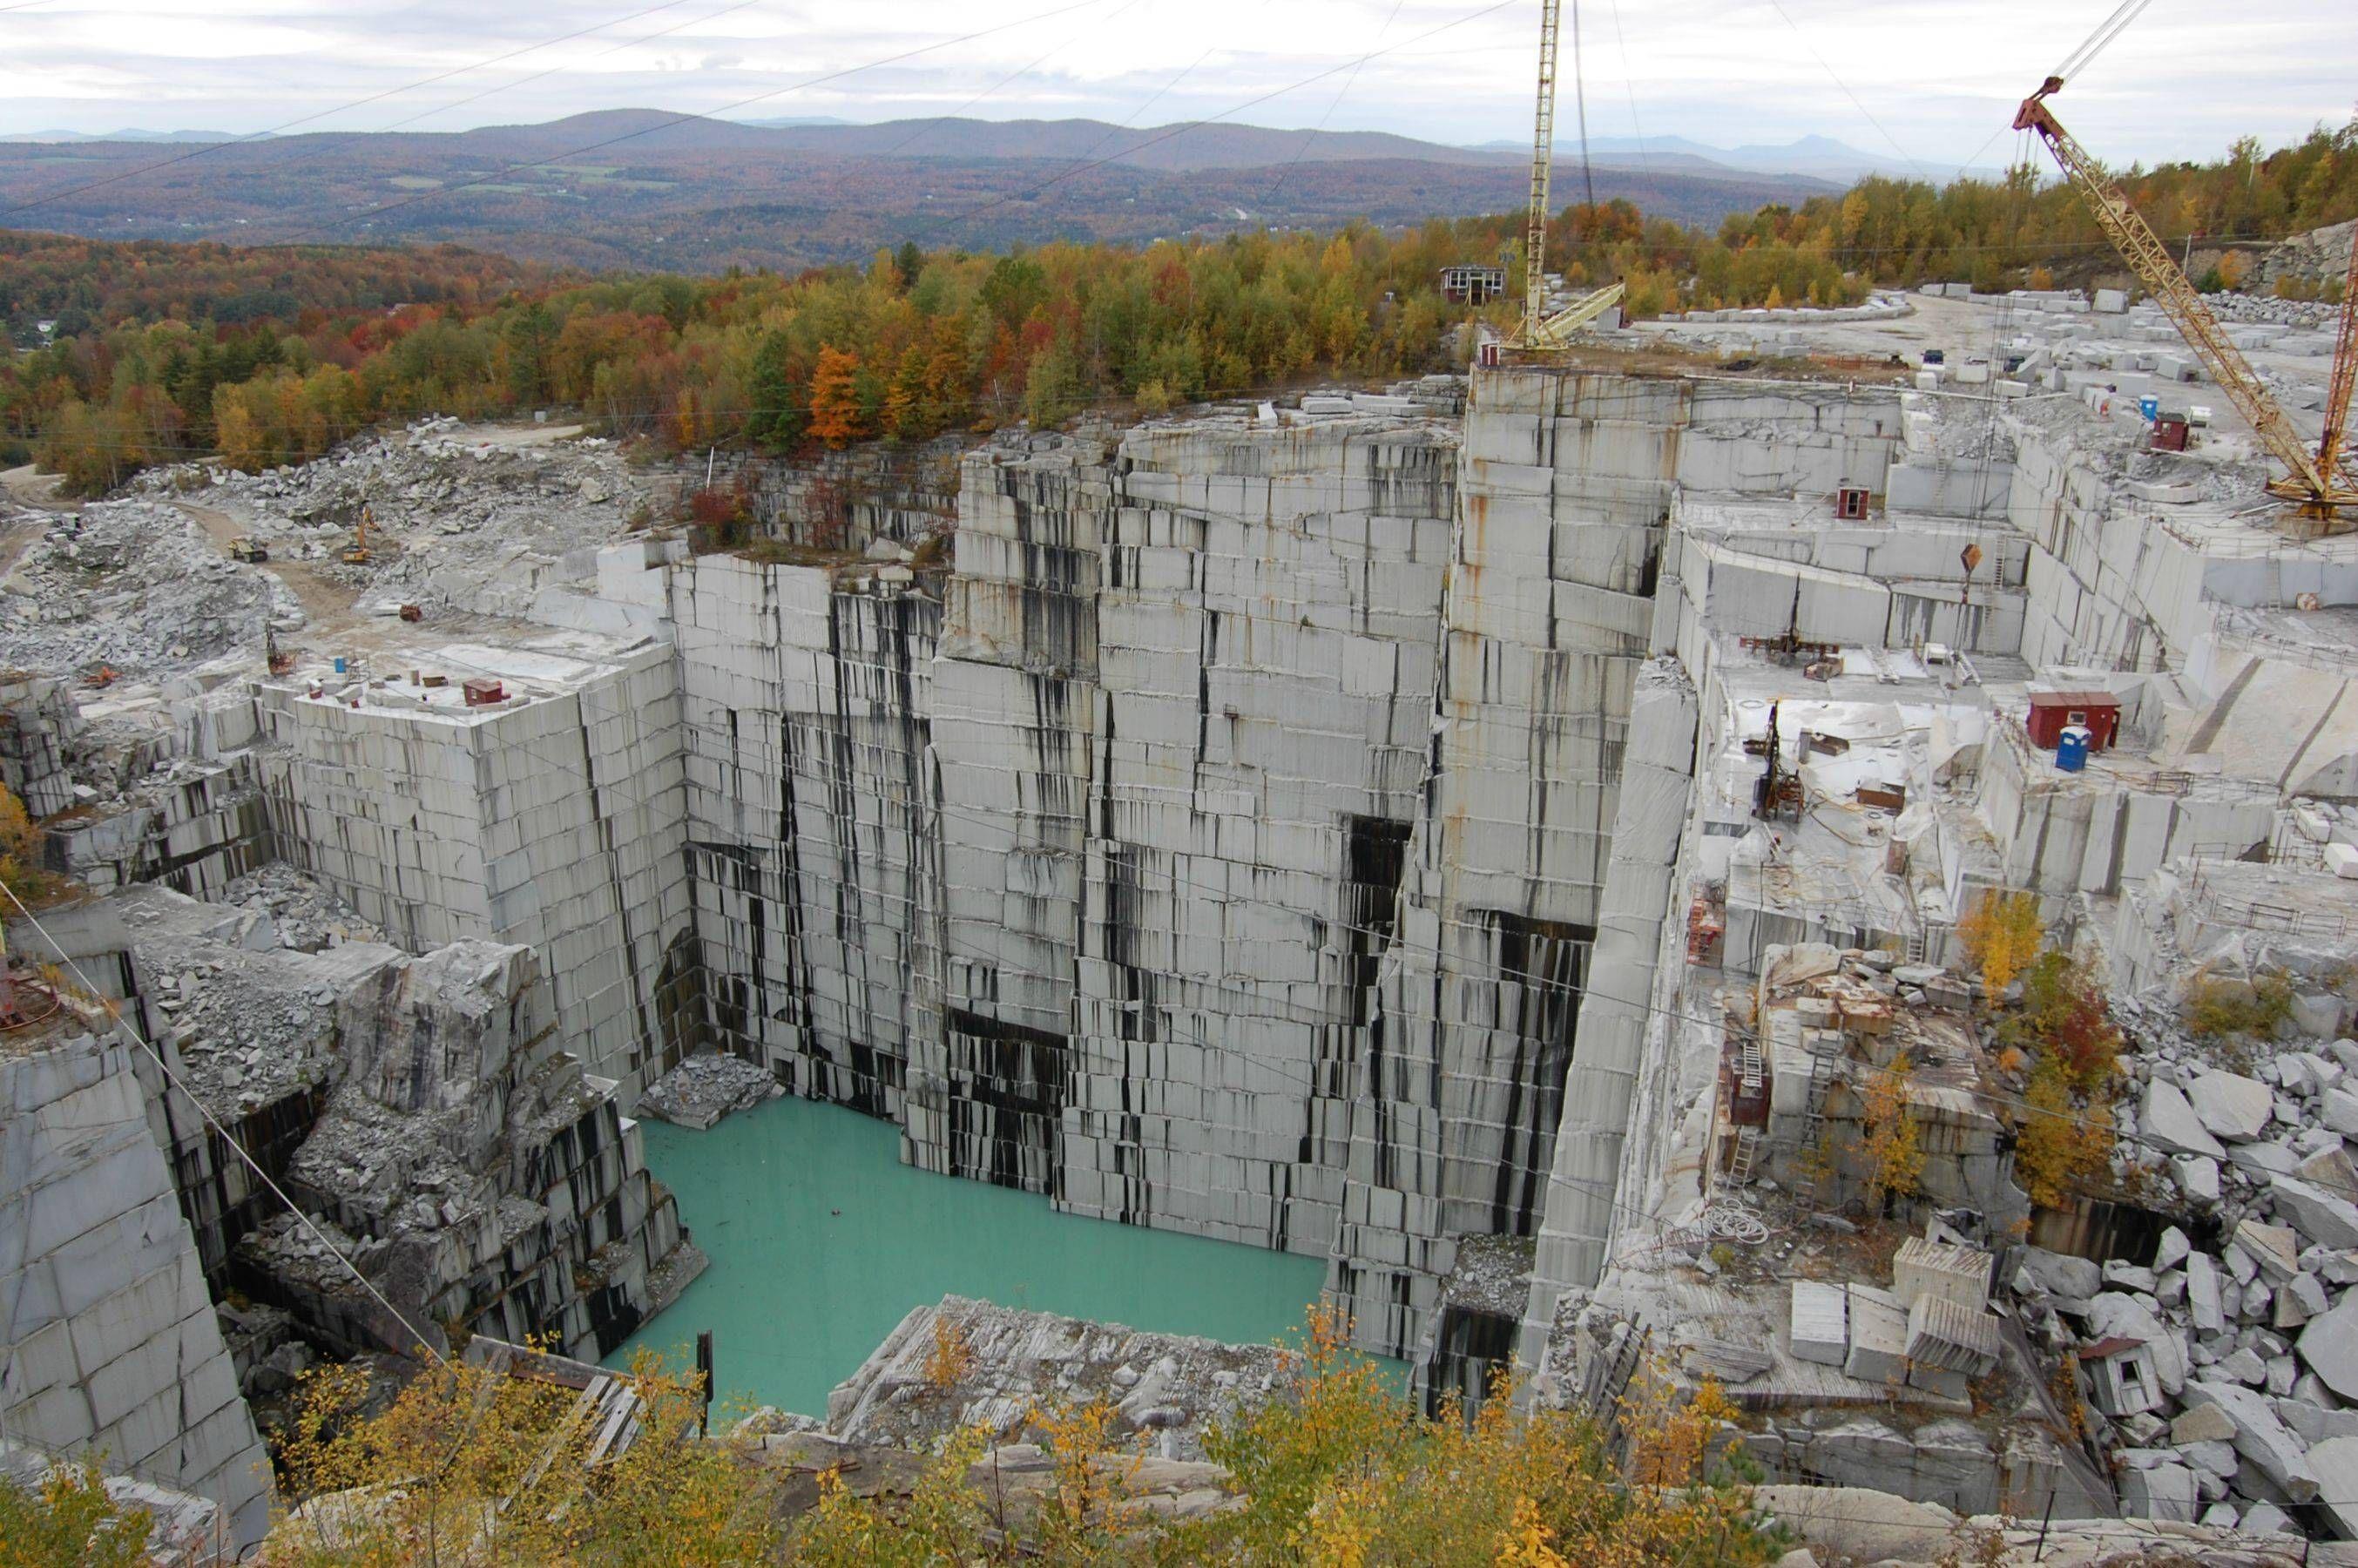 granite quarries | Rock of Ages Granite Quarry in Vermont, the ...